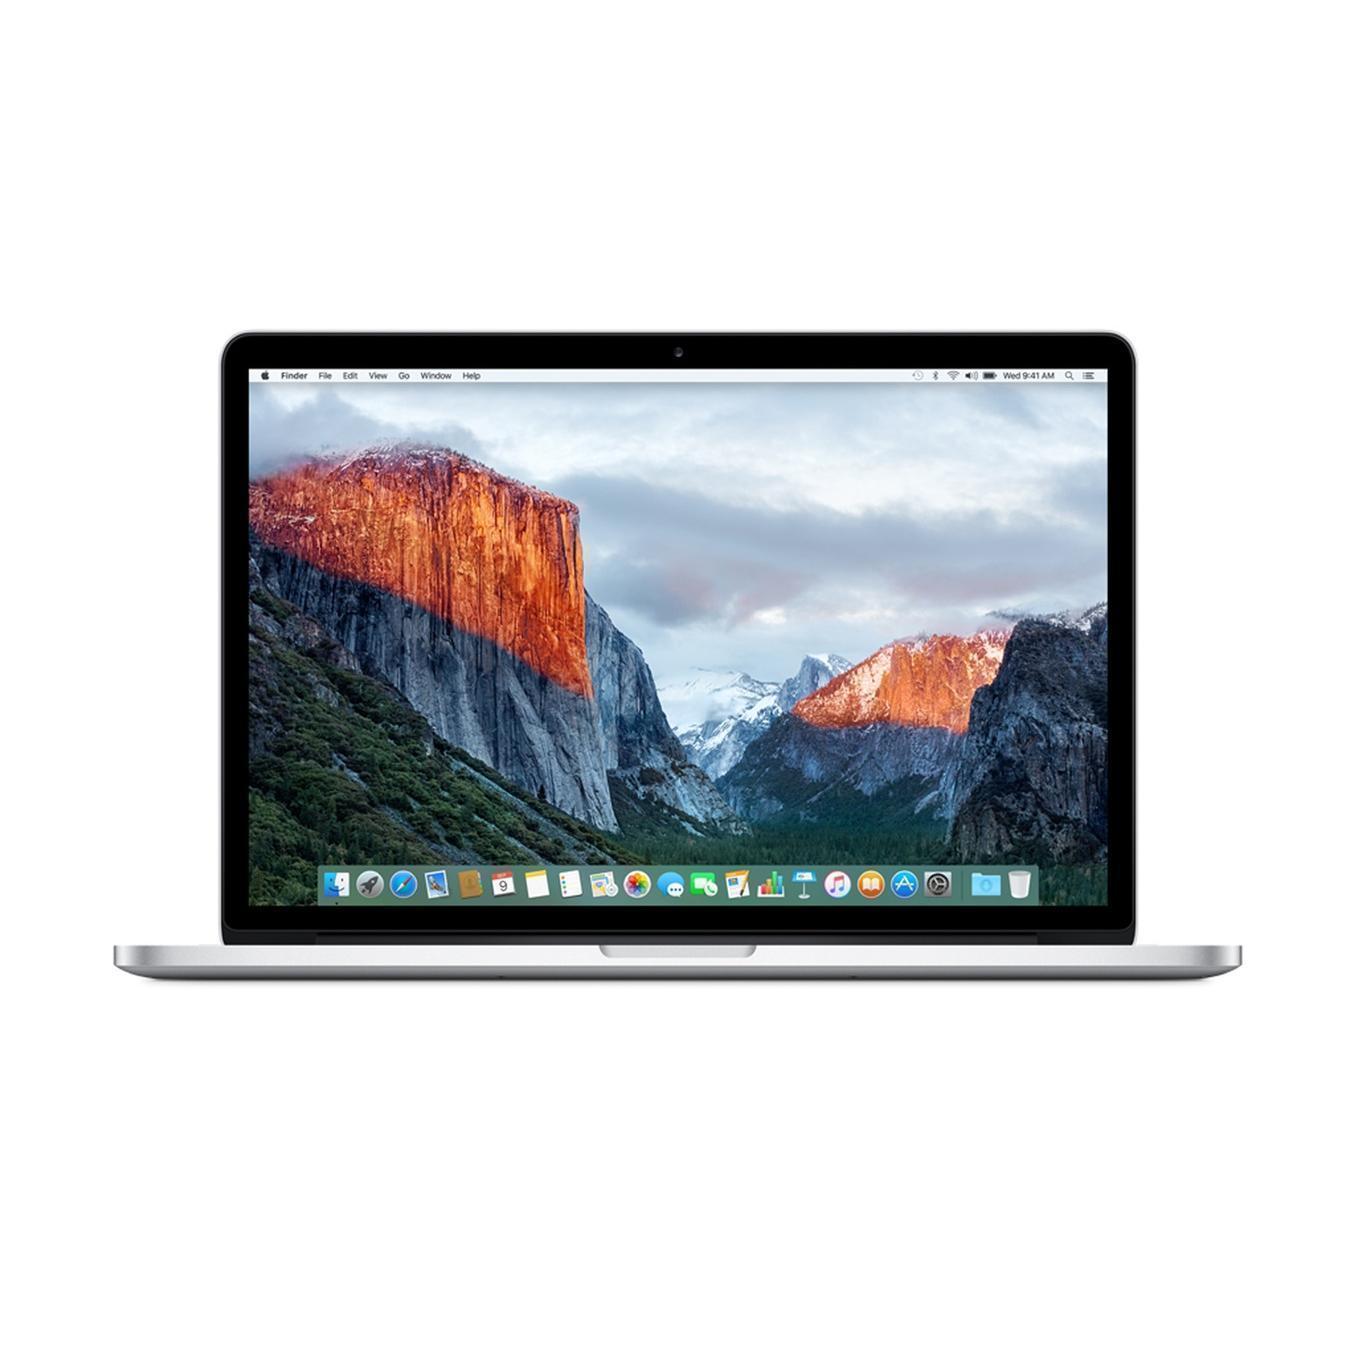 MacBook Pro Retina 15,4-tum (2014) - Core i7 - 16GB - SSD 512 GB QWERTY - Engelska (USA)